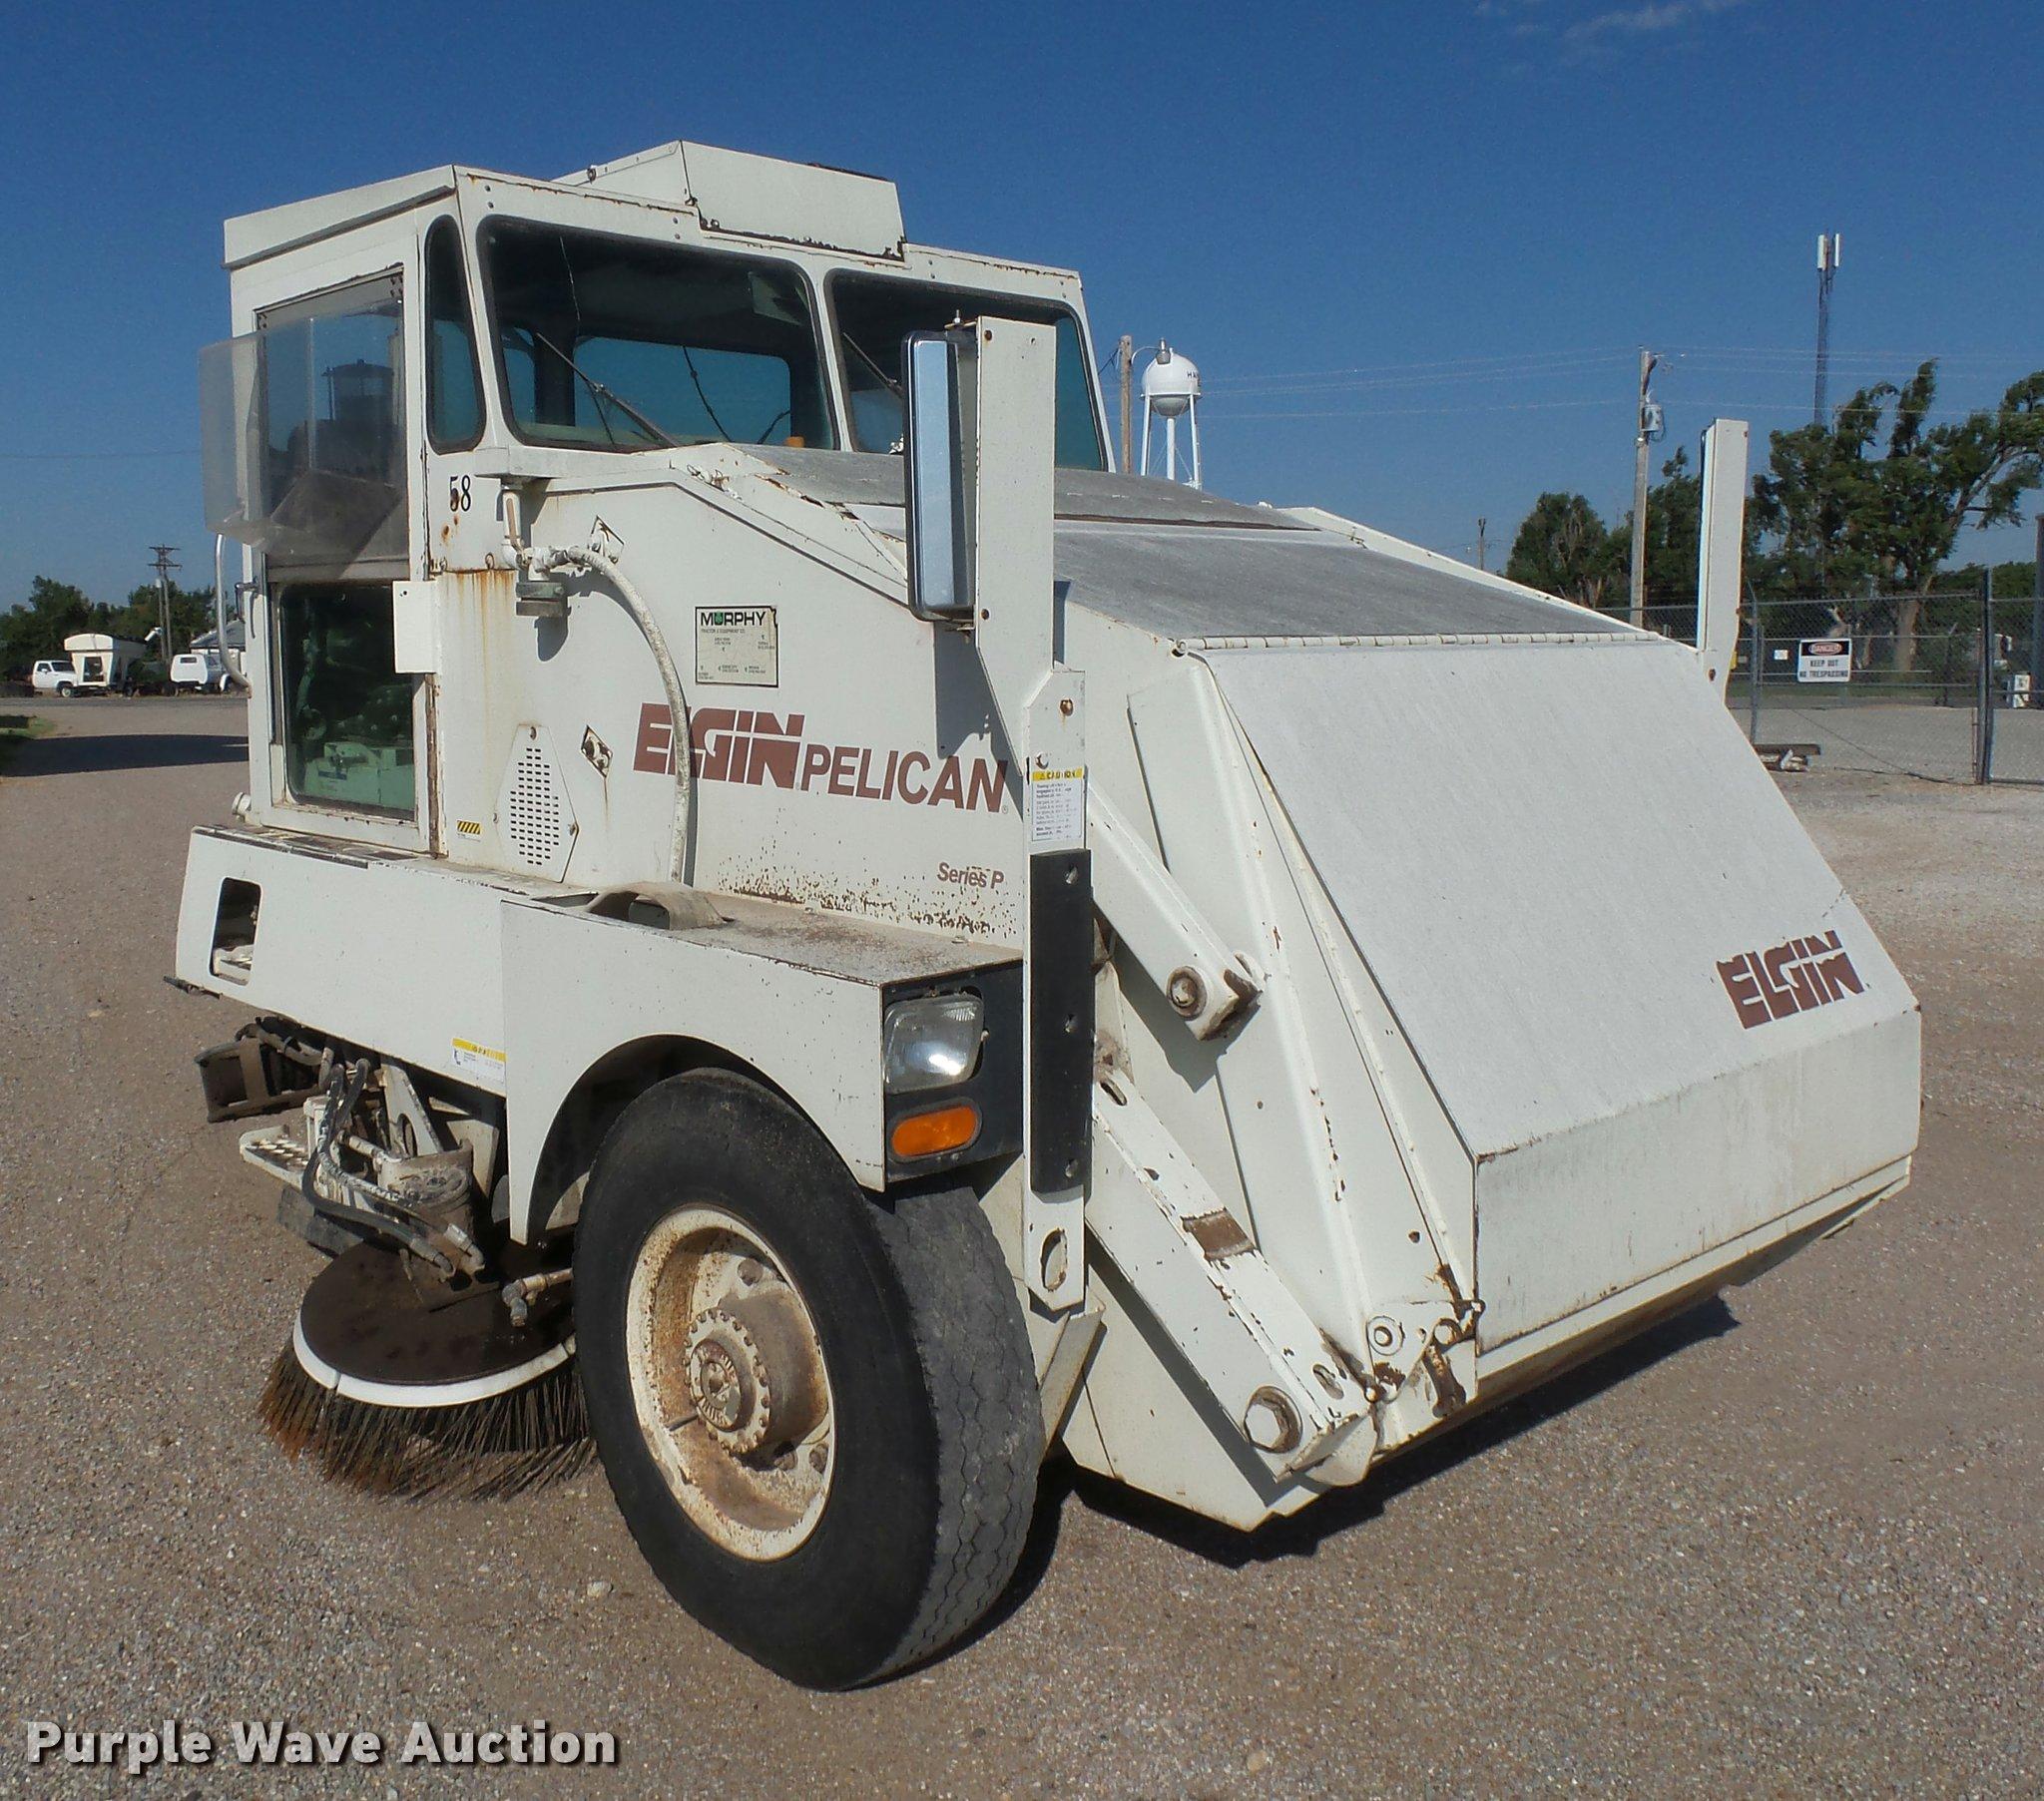 DB2720 image for item DB2720 1993 Elgin Pelican Series P street sweeper